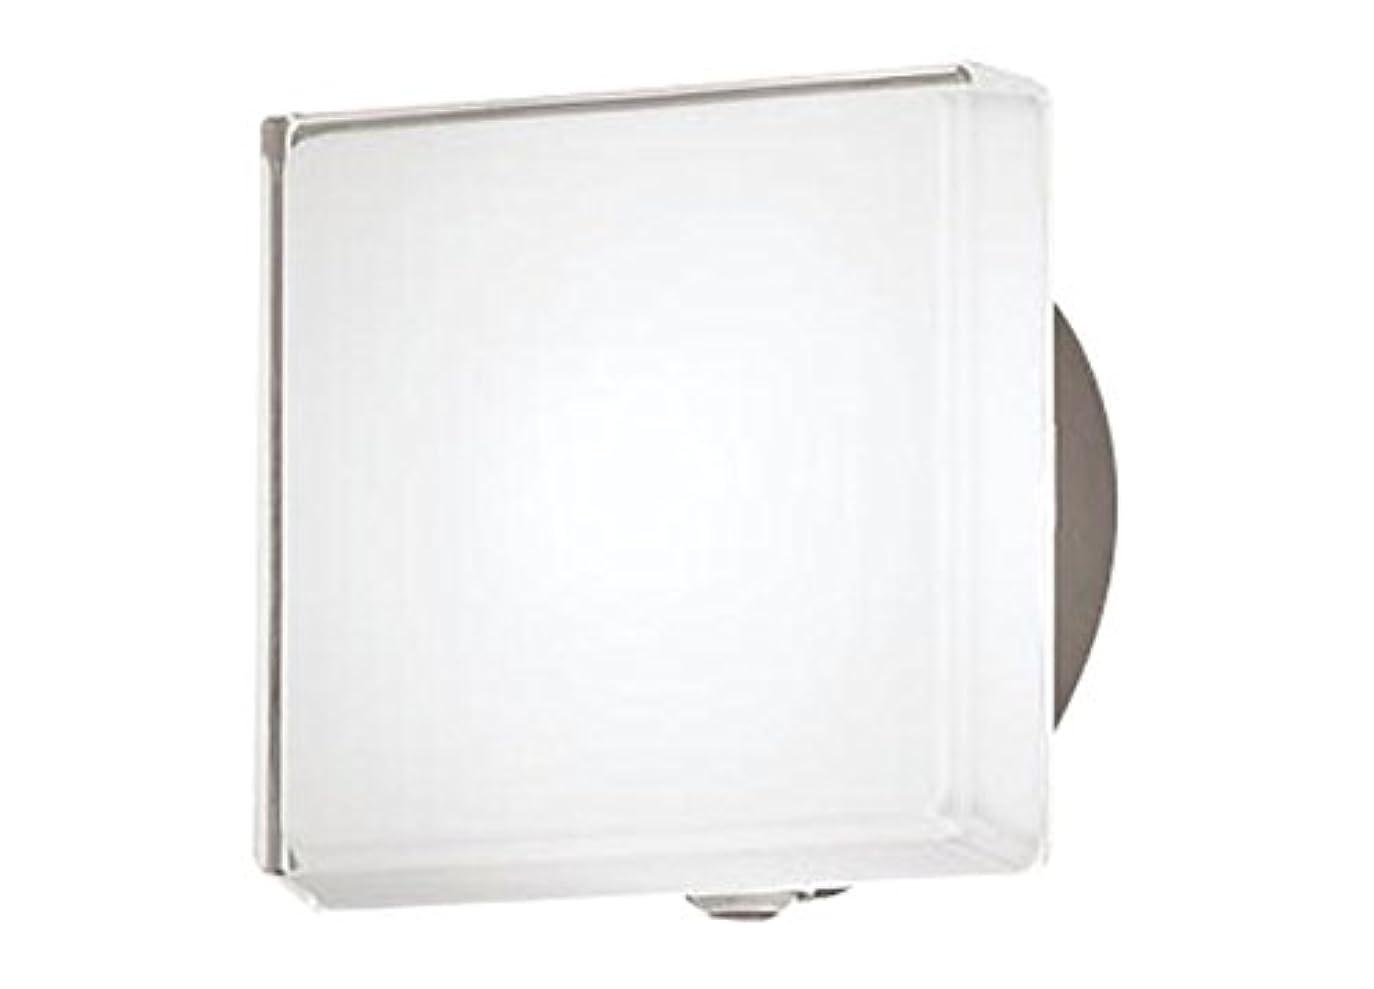 突然効能異常Panasonic LED ポーチライト 壁直付型 40形 昼白色 LGWC80325LE1